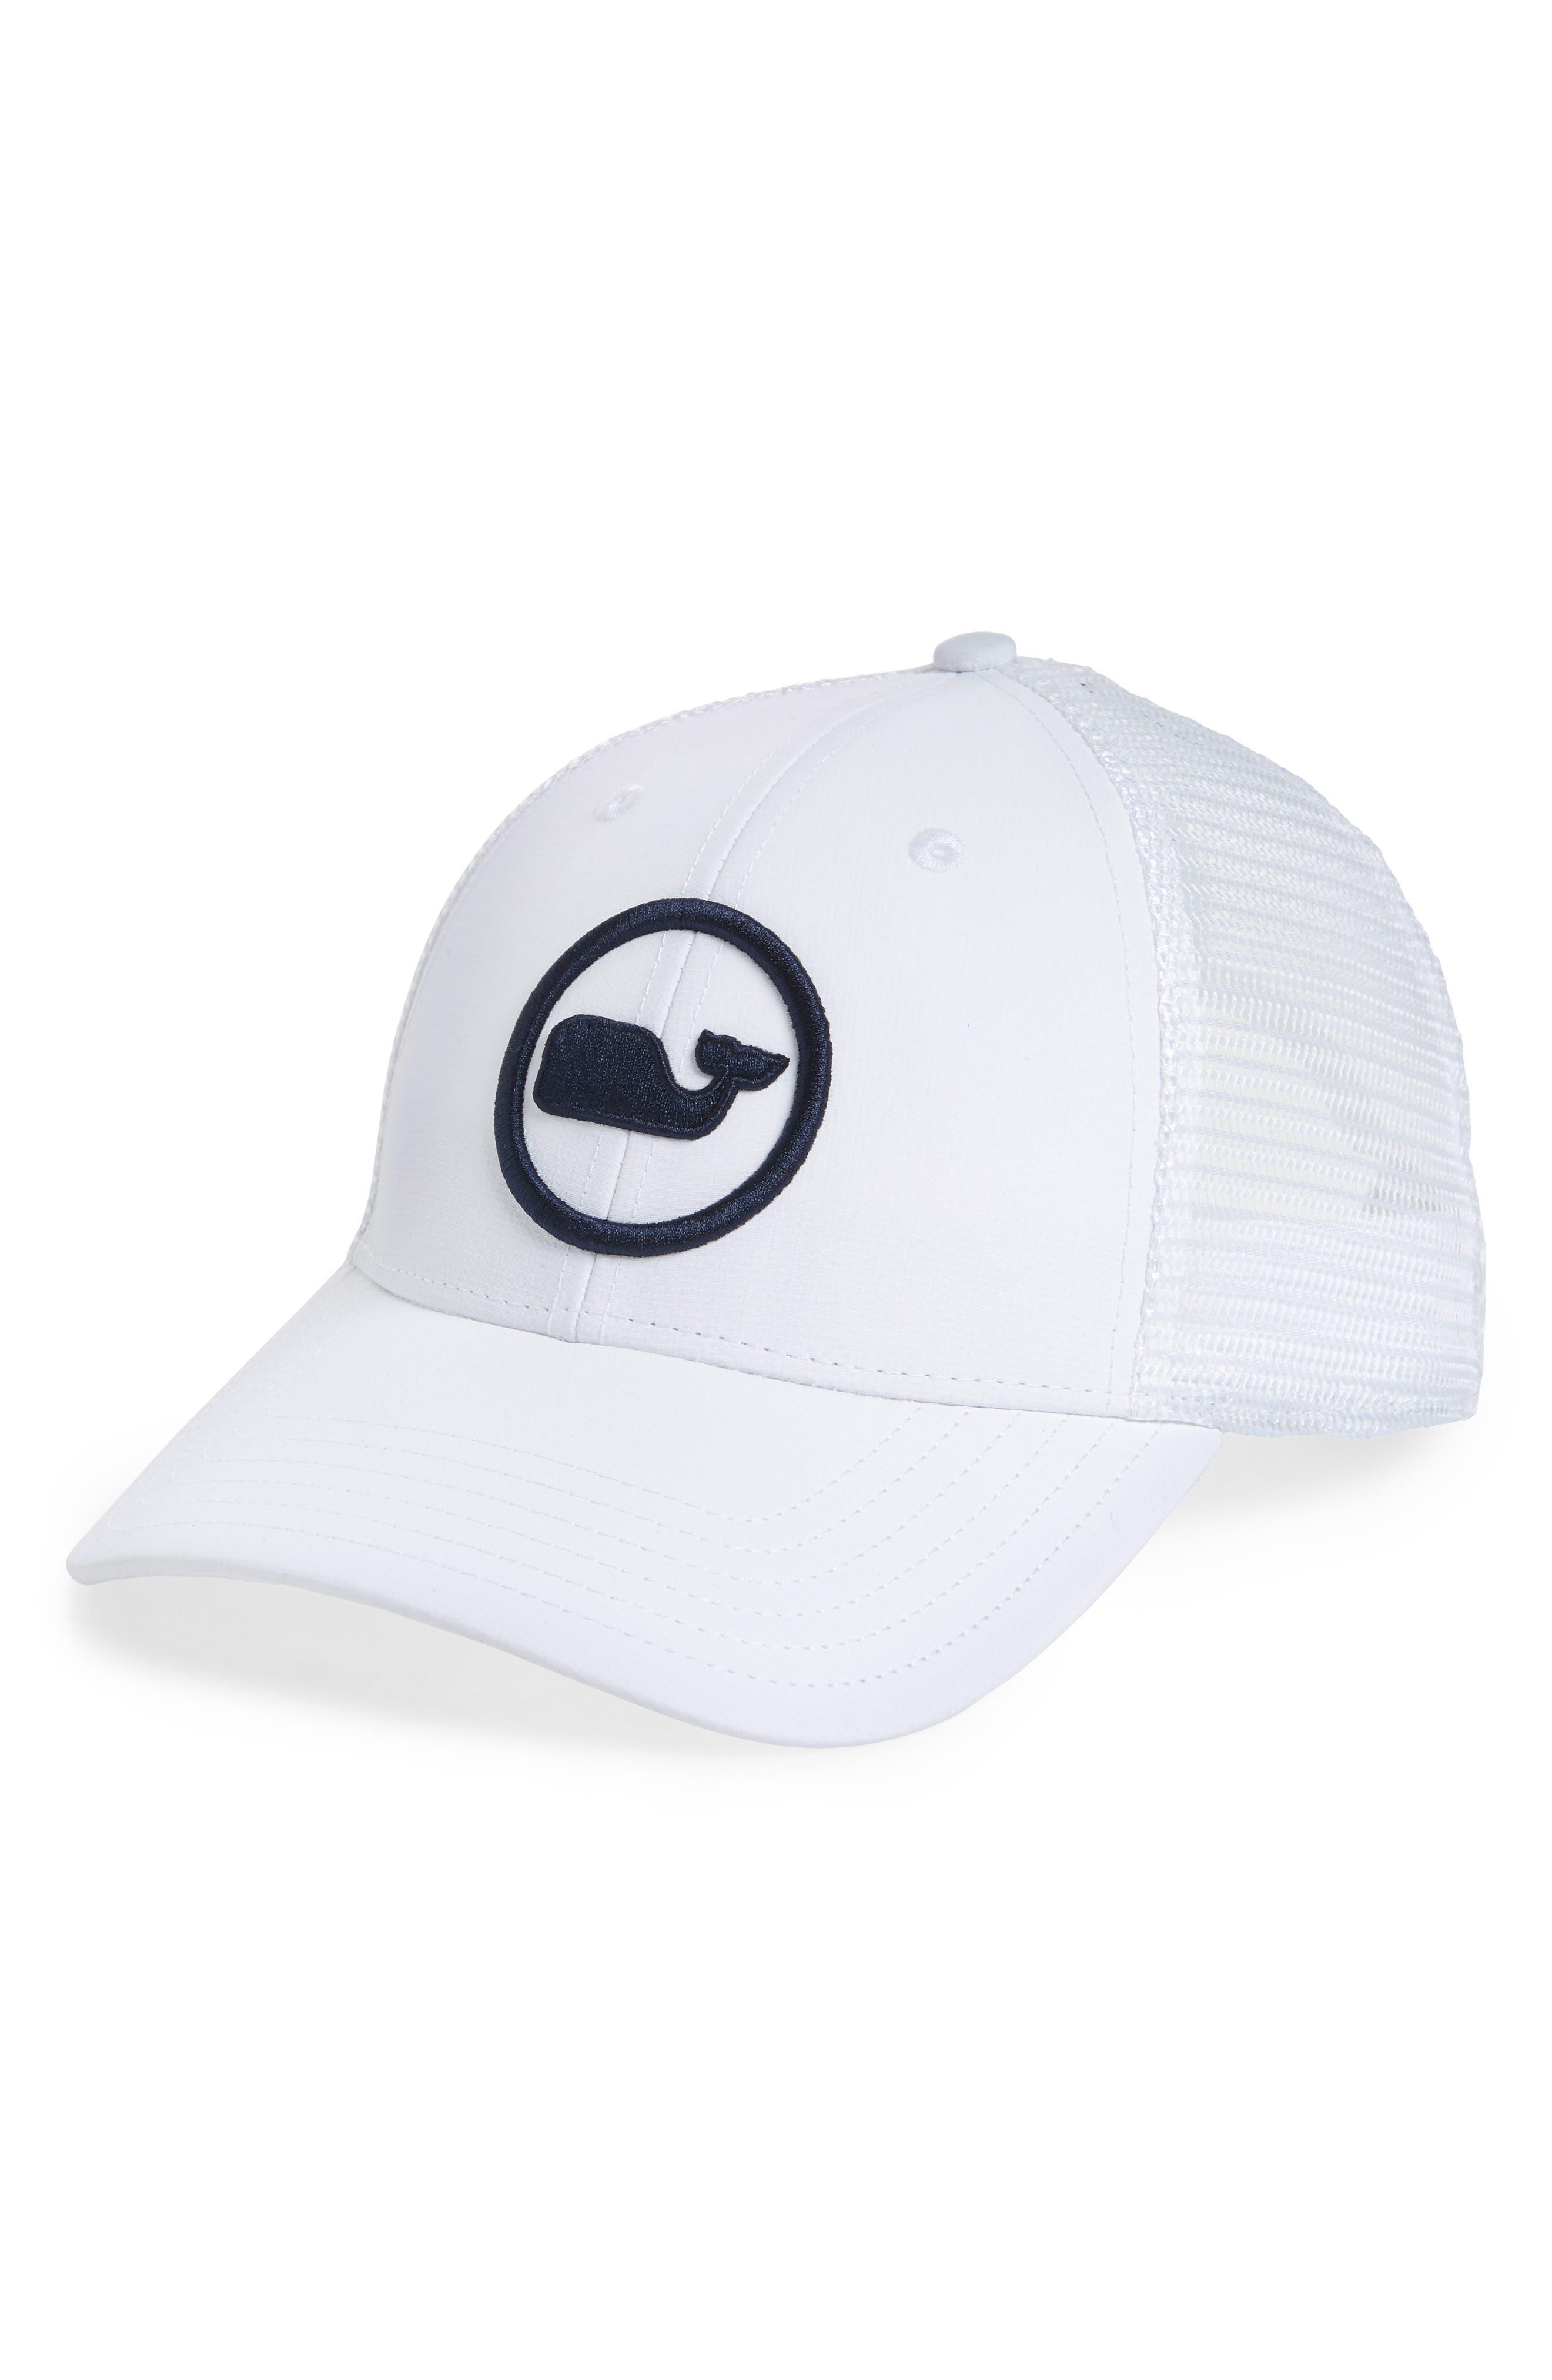 58d9309597840 VINEYARD VINES Whale Dot Trucker Cap - White